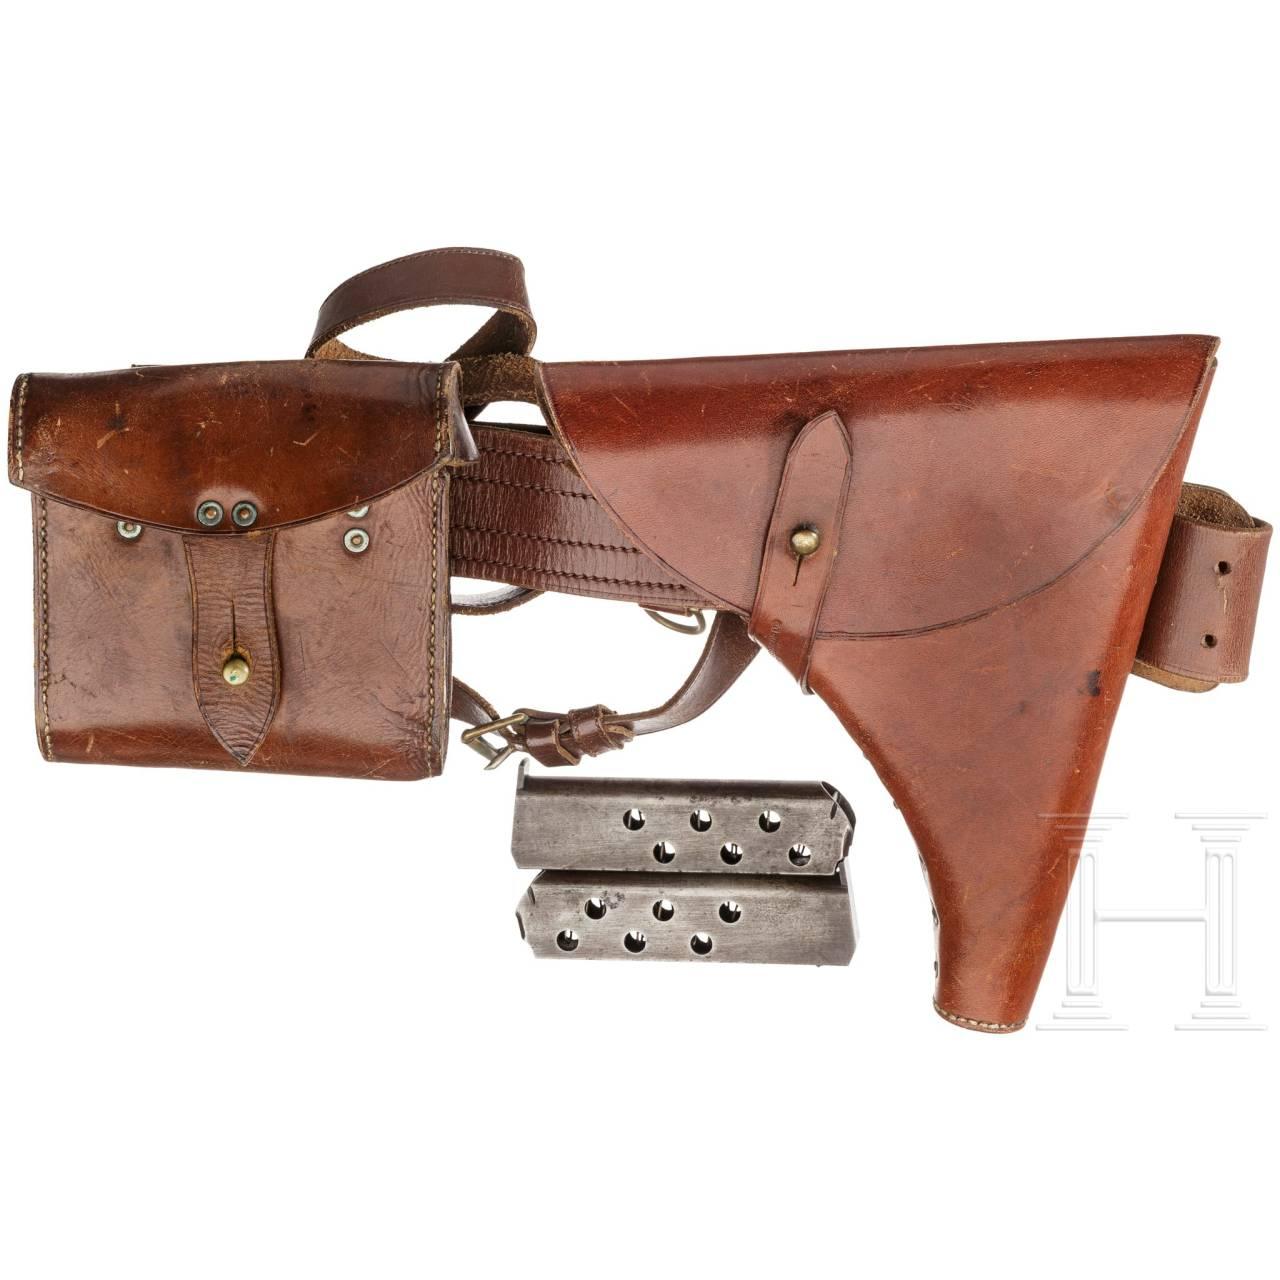 Tasche, Magazintasche, Koppel mit Schulterriemen, zwei Magazine zur Webley & Scott .455 Mk I Navy